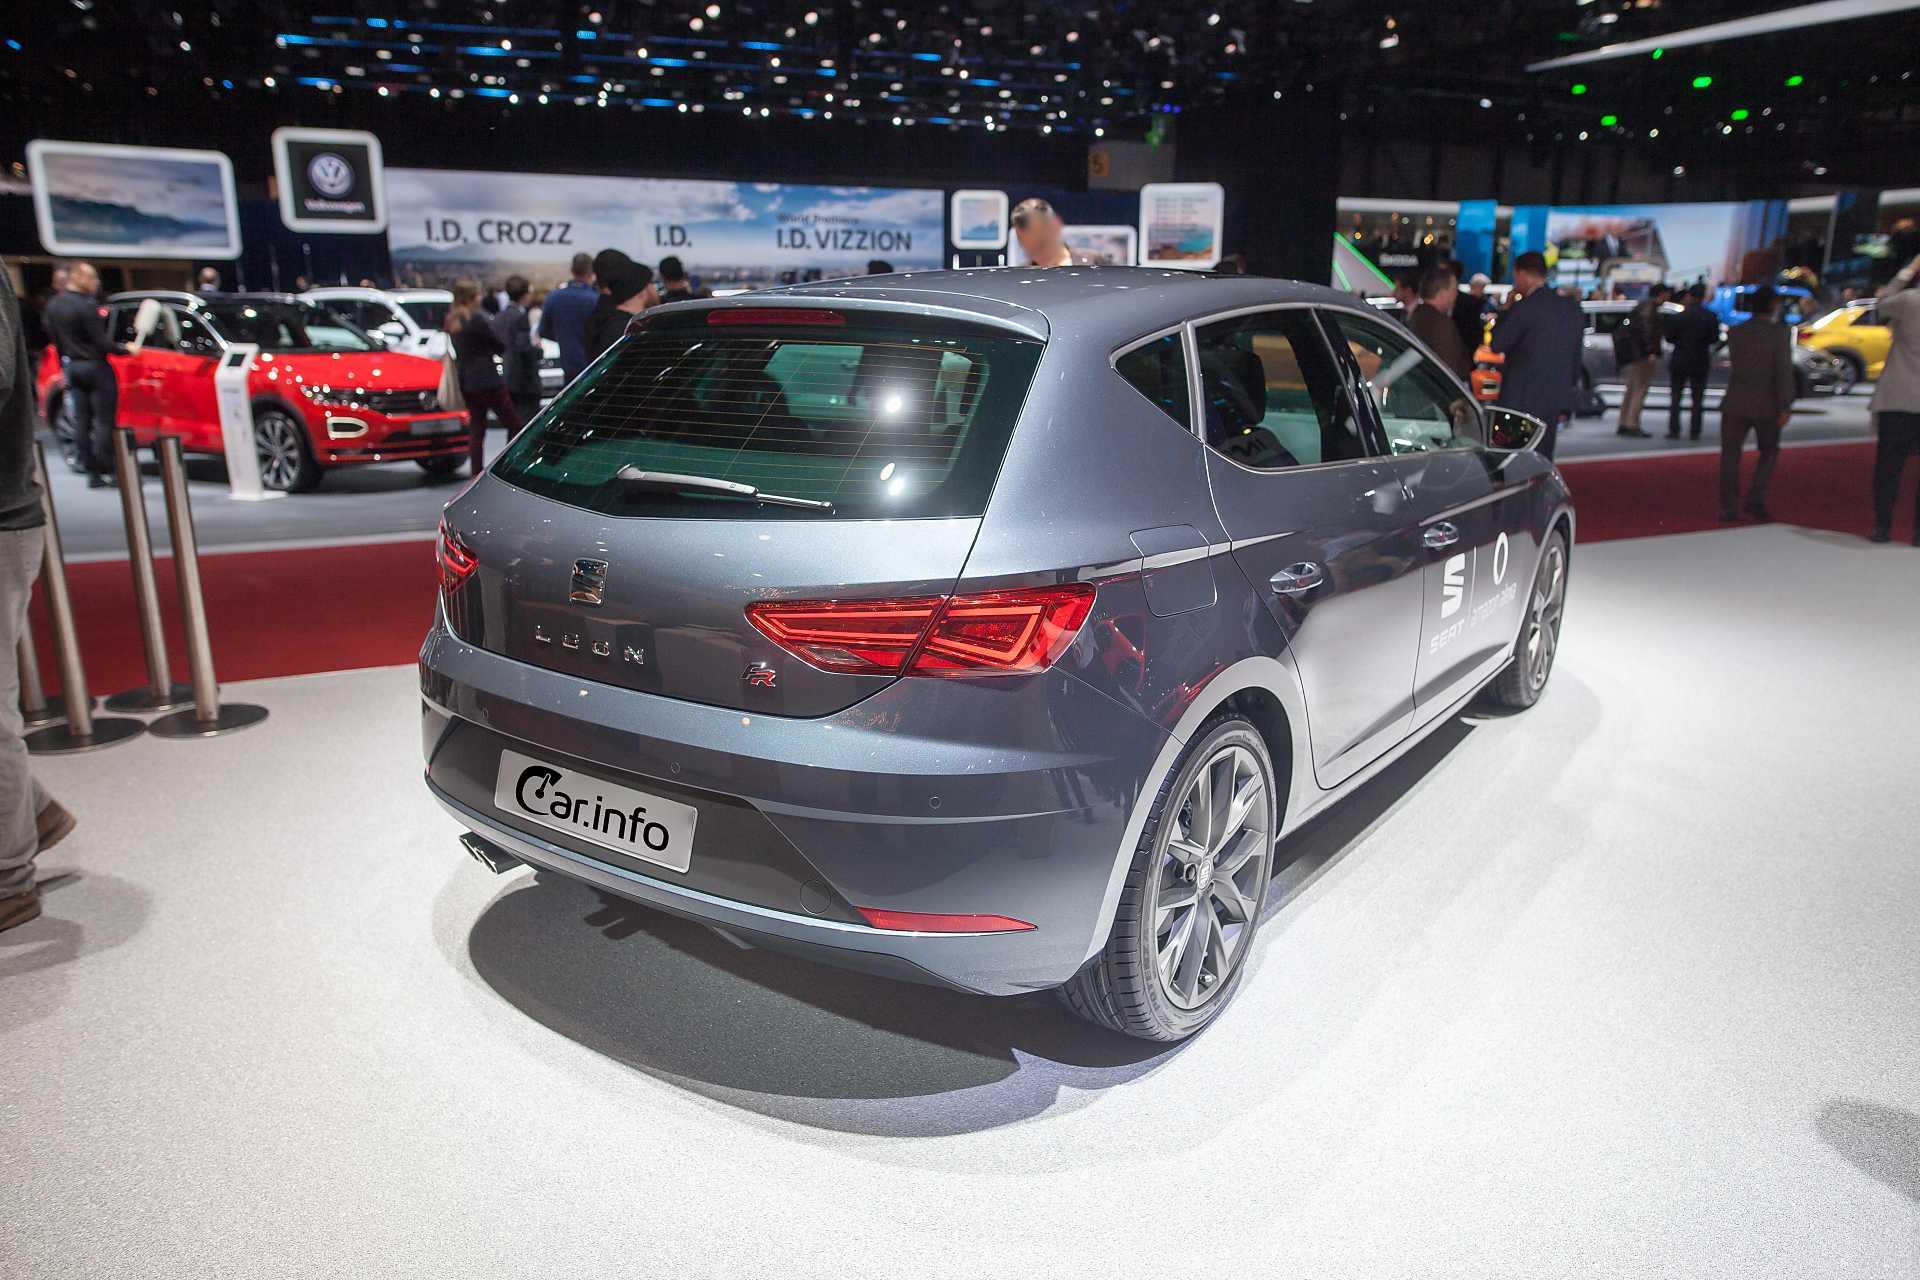 فرصت را غنیمت شمرده و نسخهای متناسب با شرایط کشور برای خودروسازی بپیچید/ خودروهای گازسوز در نمایشگاه خودرو ژنو 2018